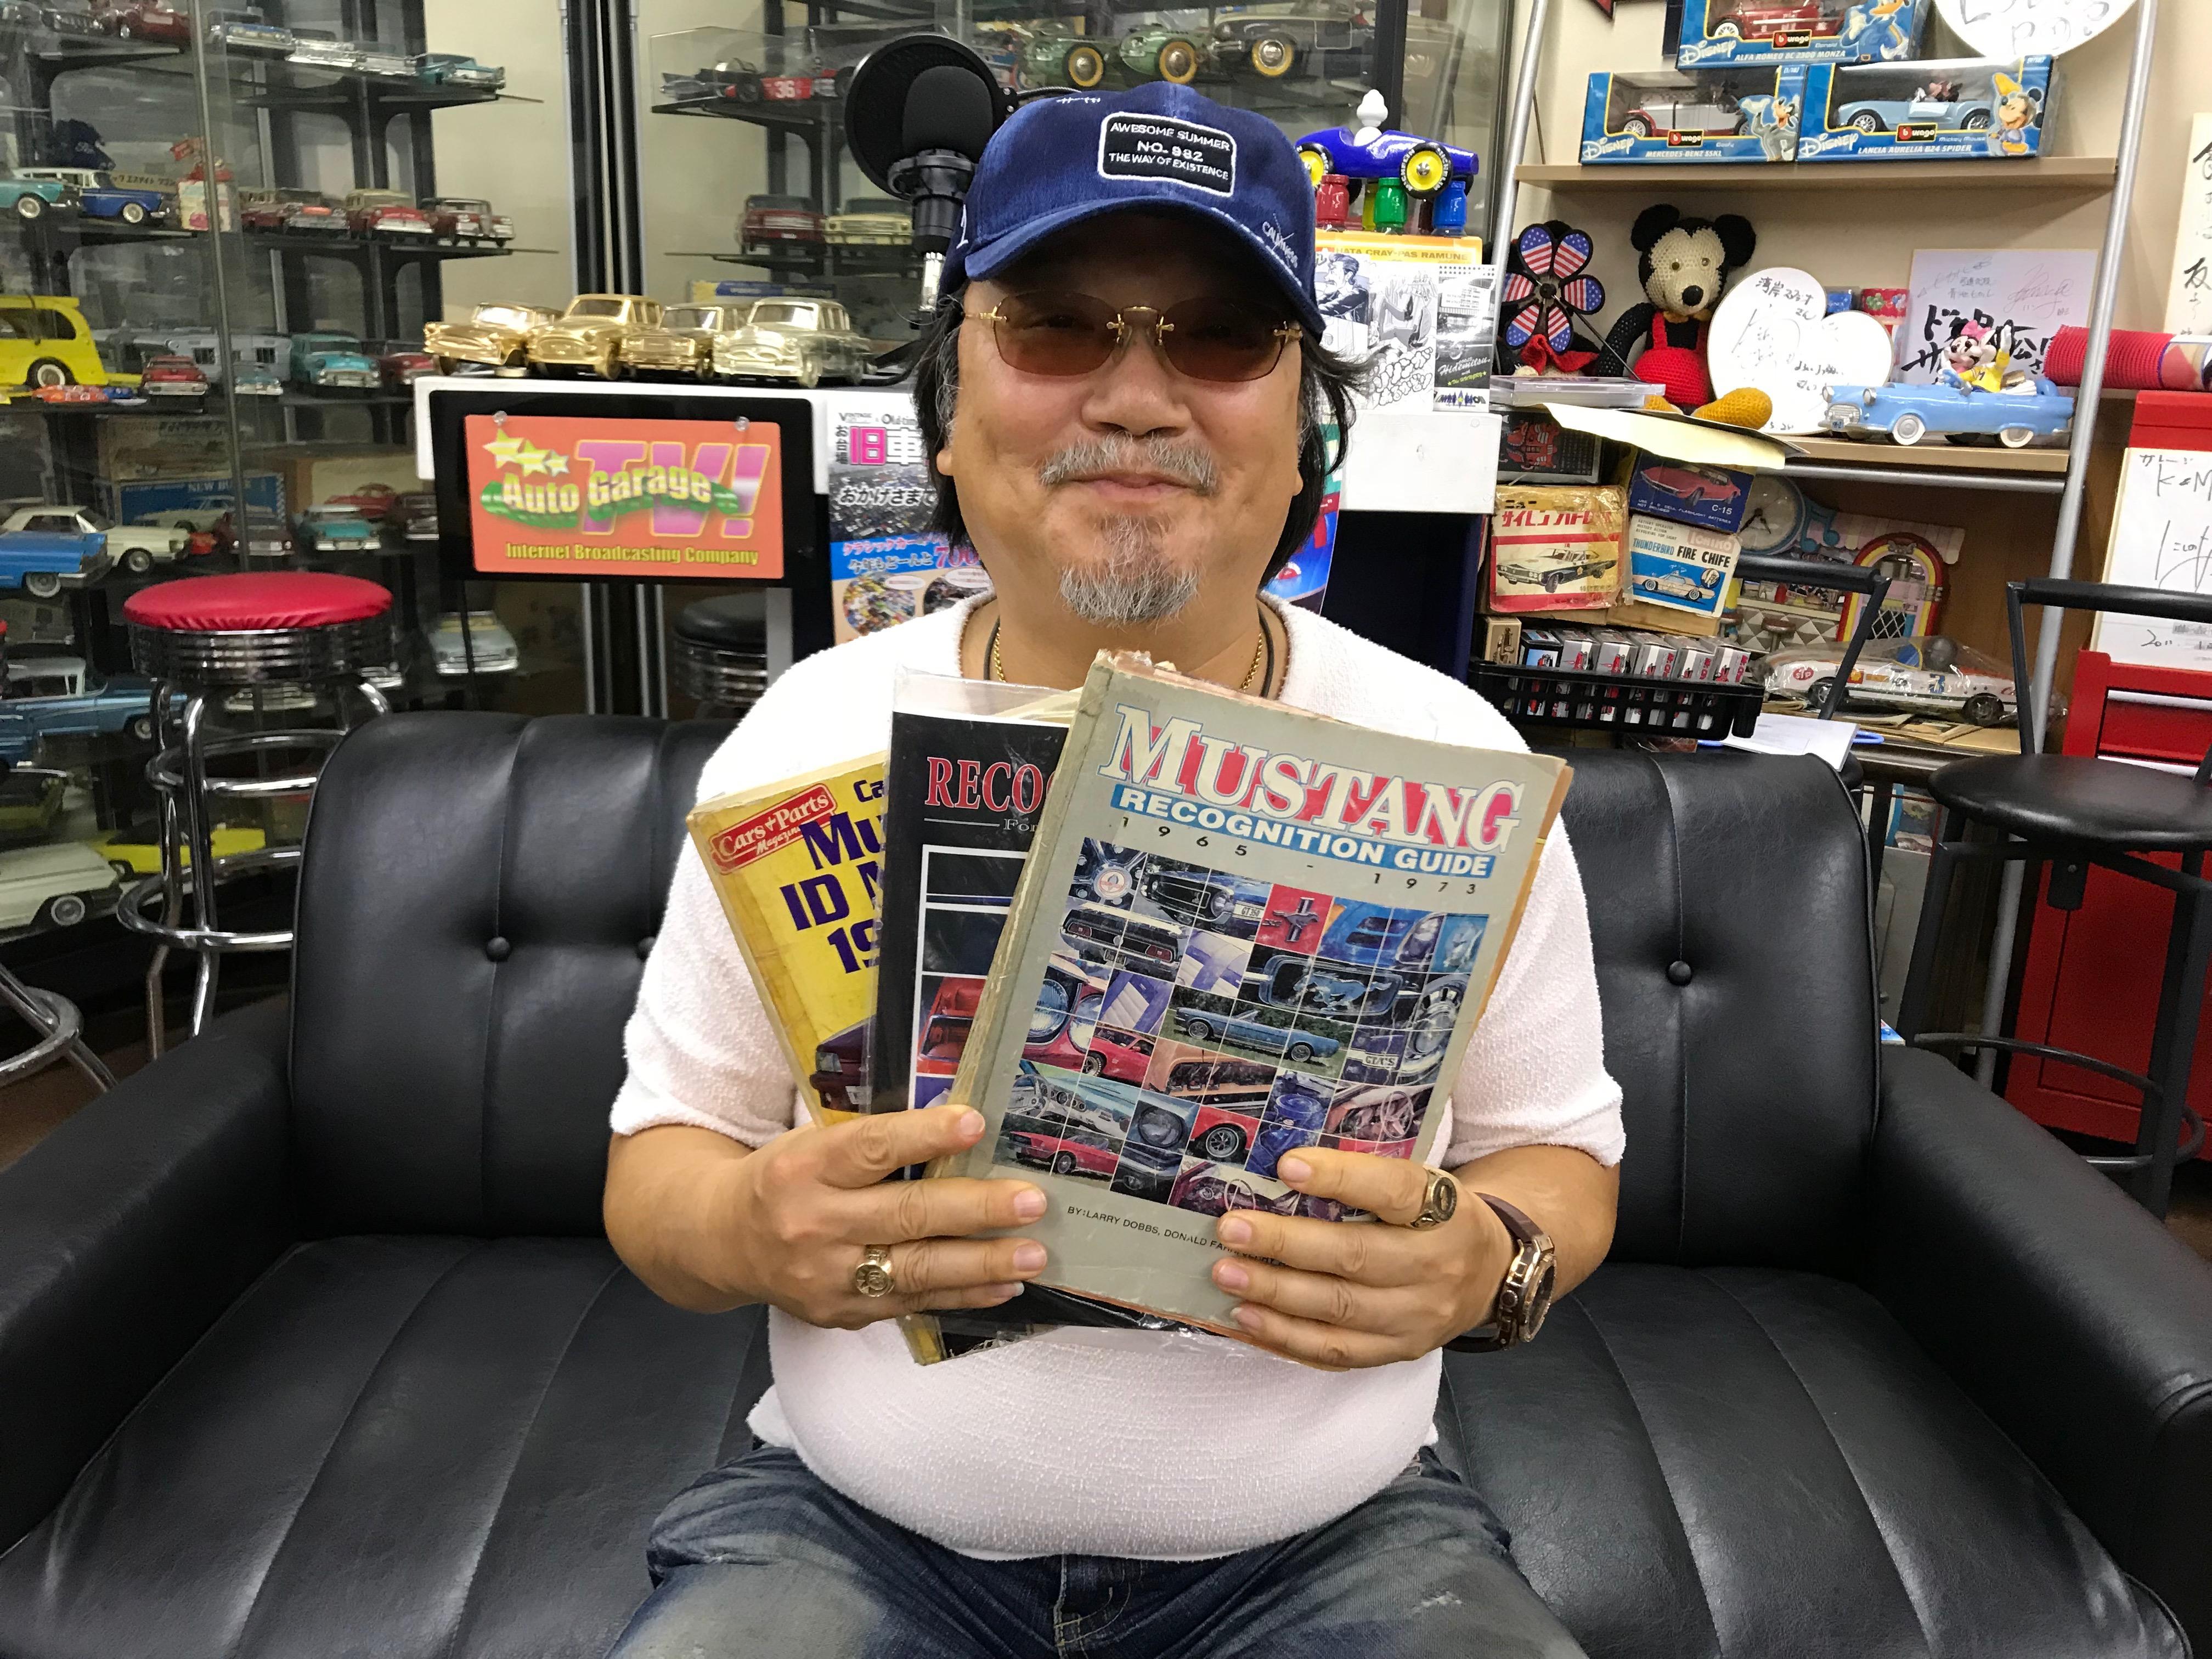 『マスタングの神様』#9(2018年9月24日放送分)